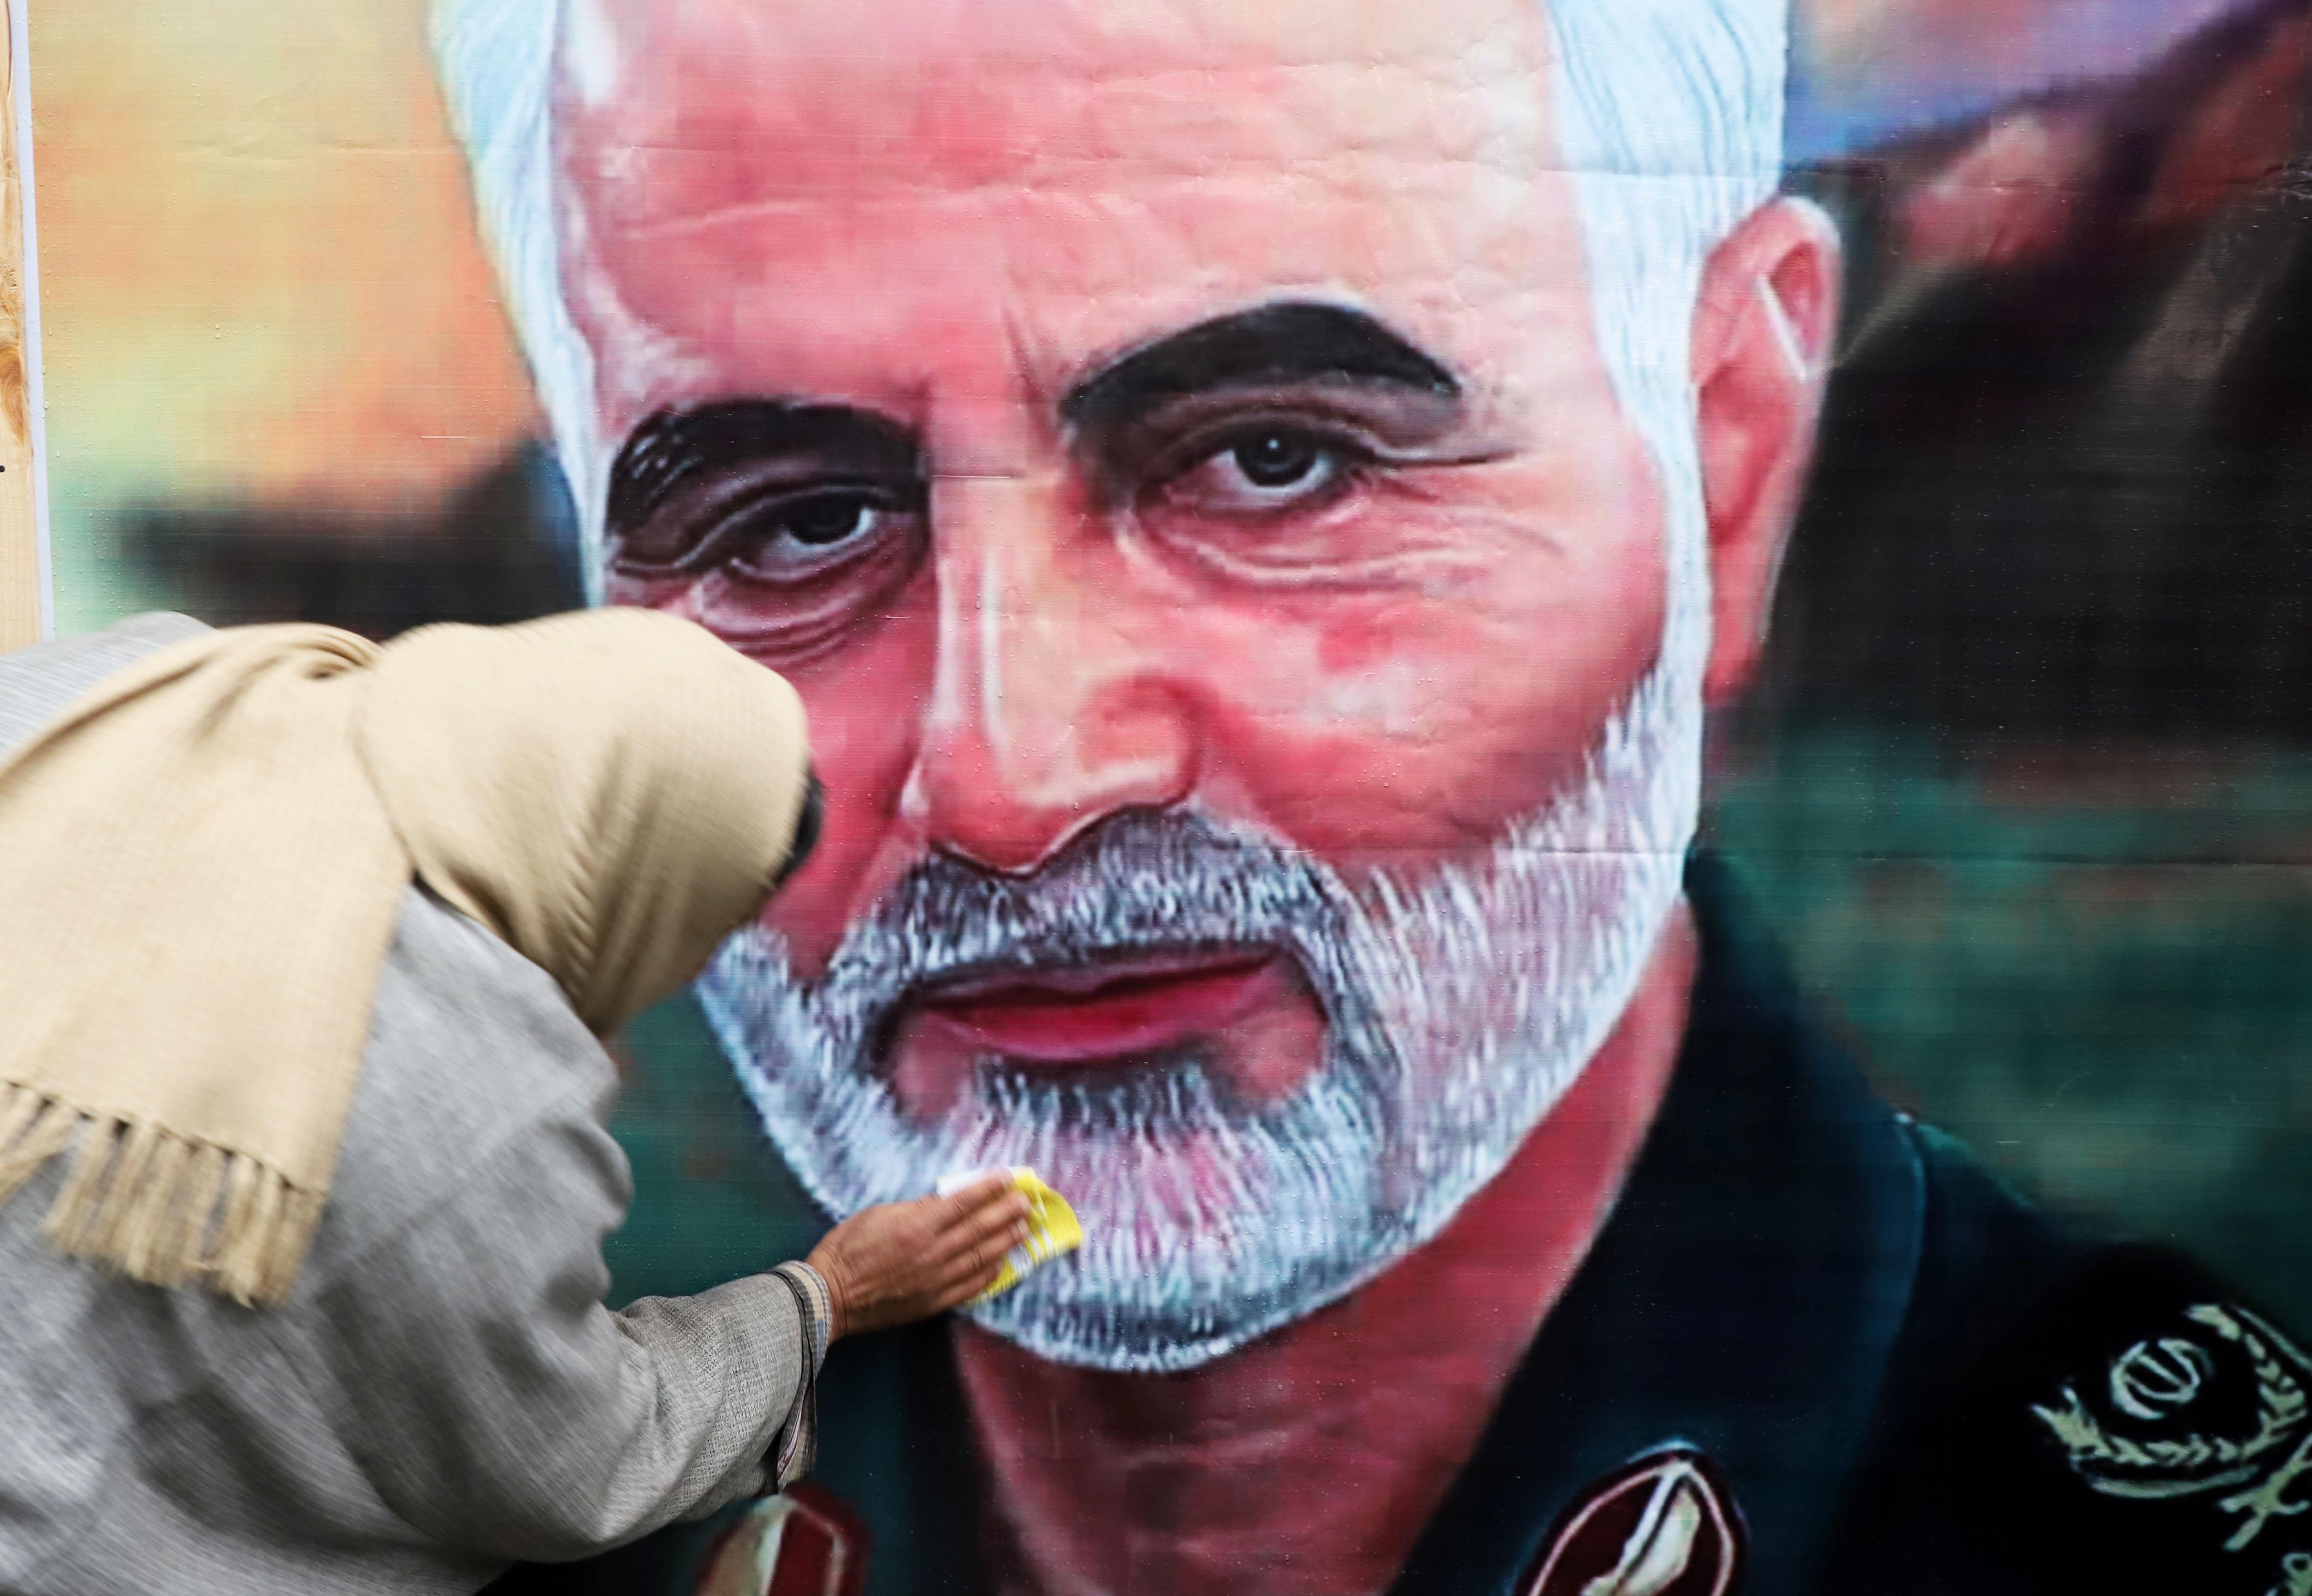 Iráni katonai vezetők szerint csak a támadások kezdetét jelentették az amerikai bázisok elleni rakétatámadások